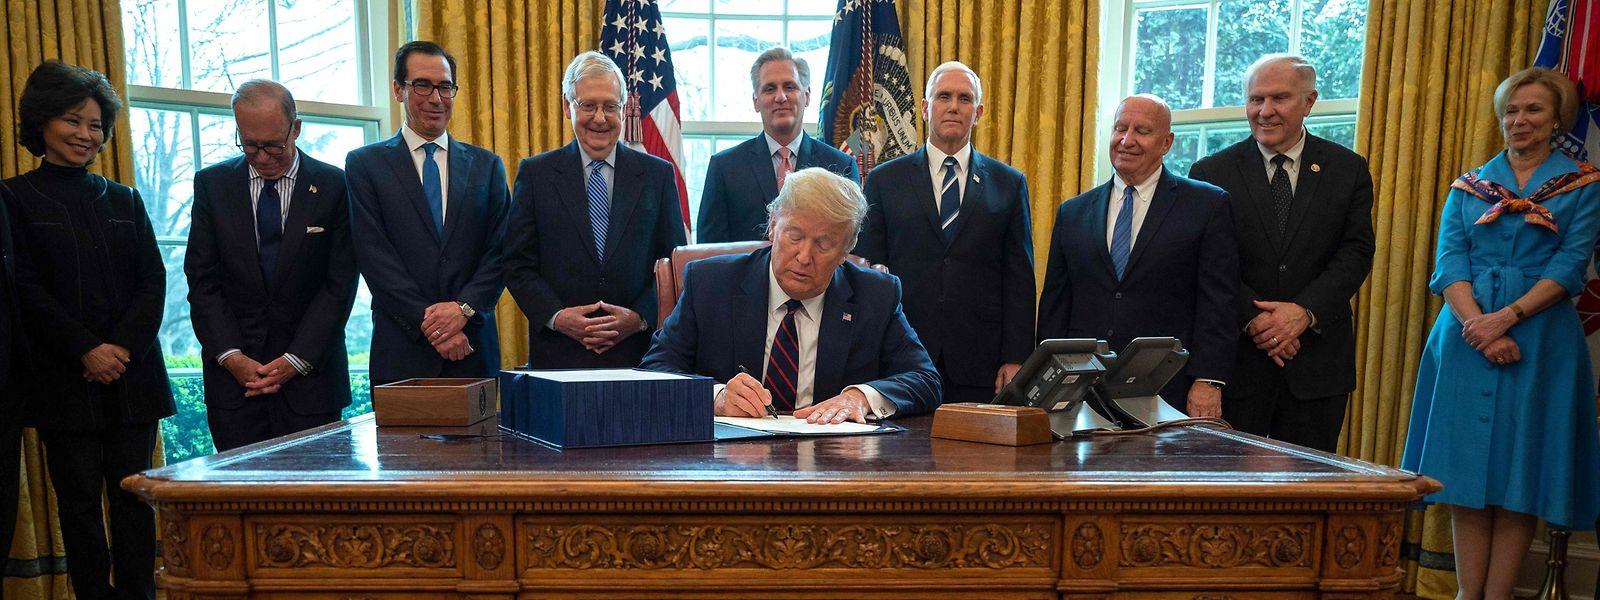 Donald Trump unterzeichnete im Oval Office den CARES Act, der Hilfen in Höhe von zwei Billionen Dollar für Unternehmen vorsieht.